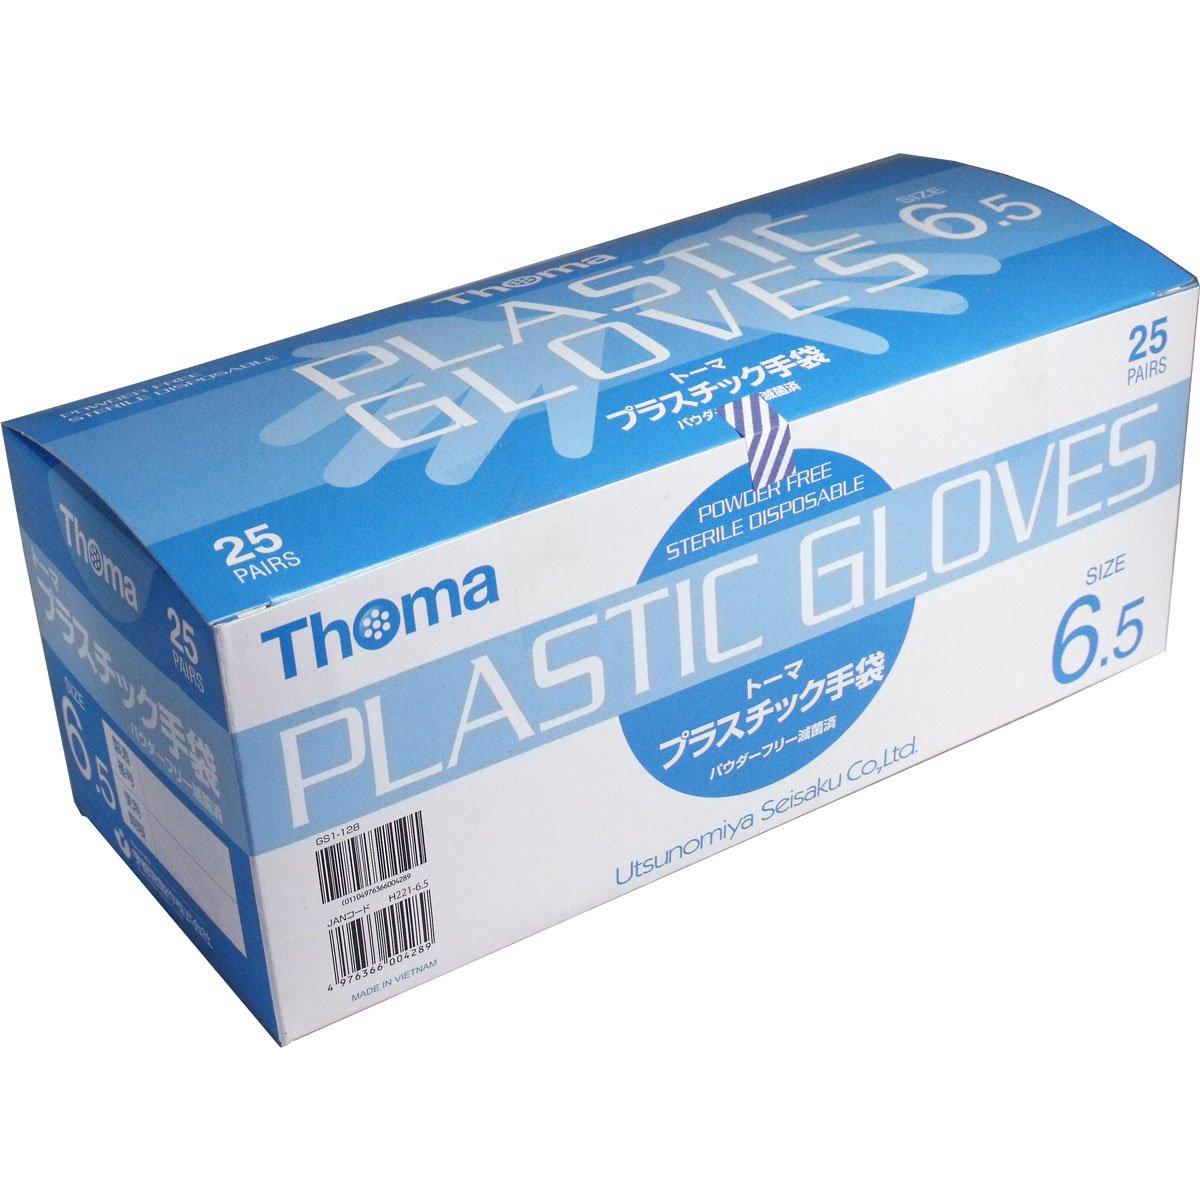 ヶ月目継承計画超薄手プラスチック手袋 1双毎に滅菌包装、衛生的 便利 トーマ プラスチック手袋 パウダーフリー滅菌済 25双入 サイズ6.5【4個セット】